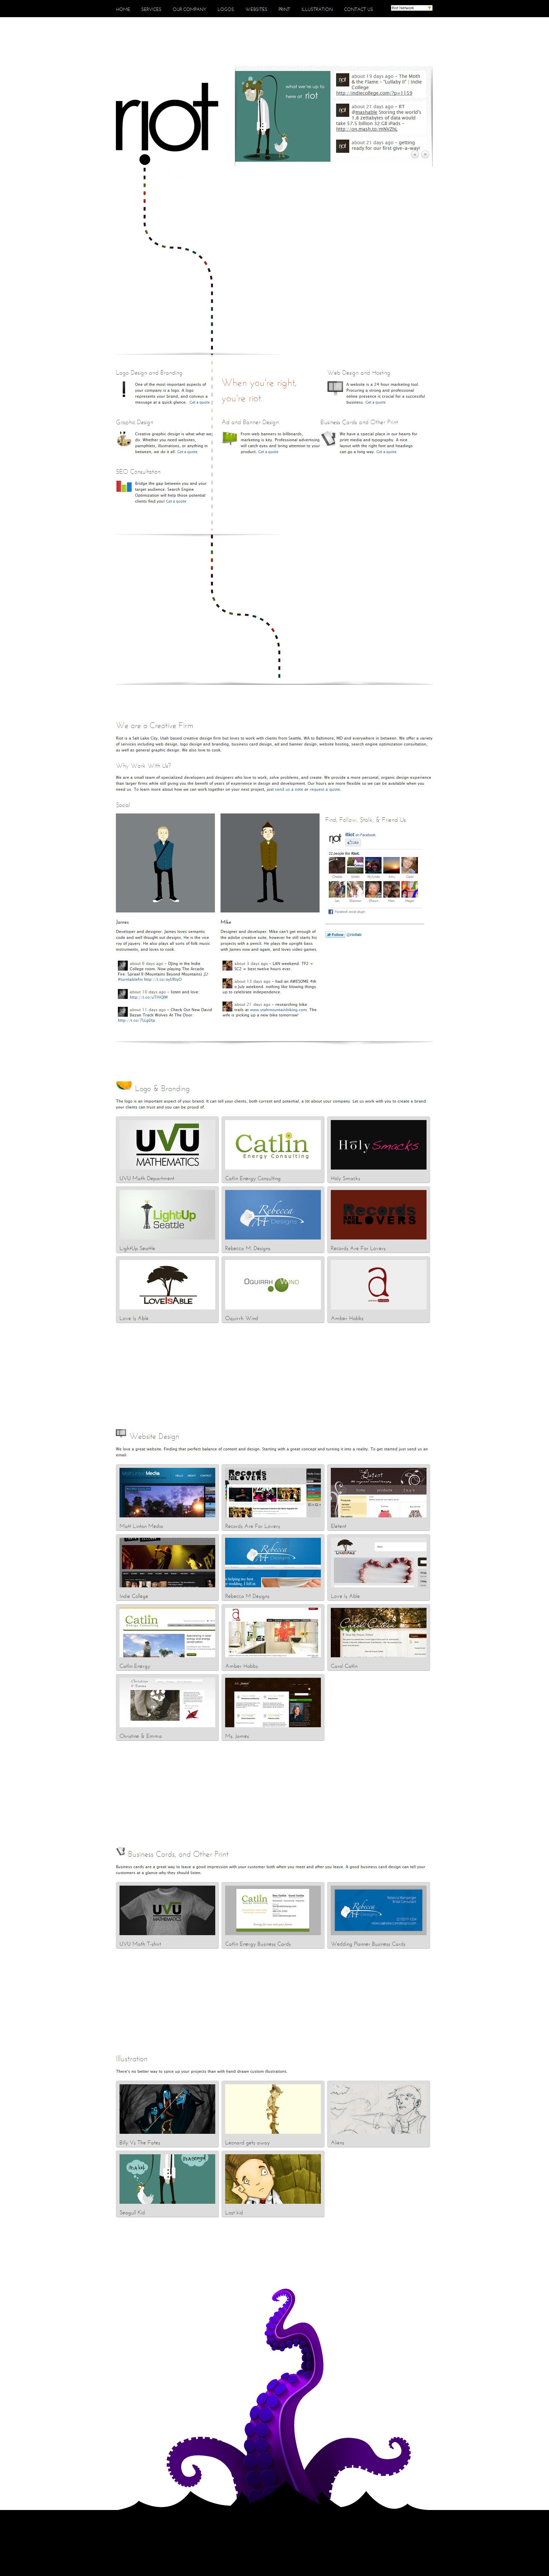 Riot! Website Screenshot